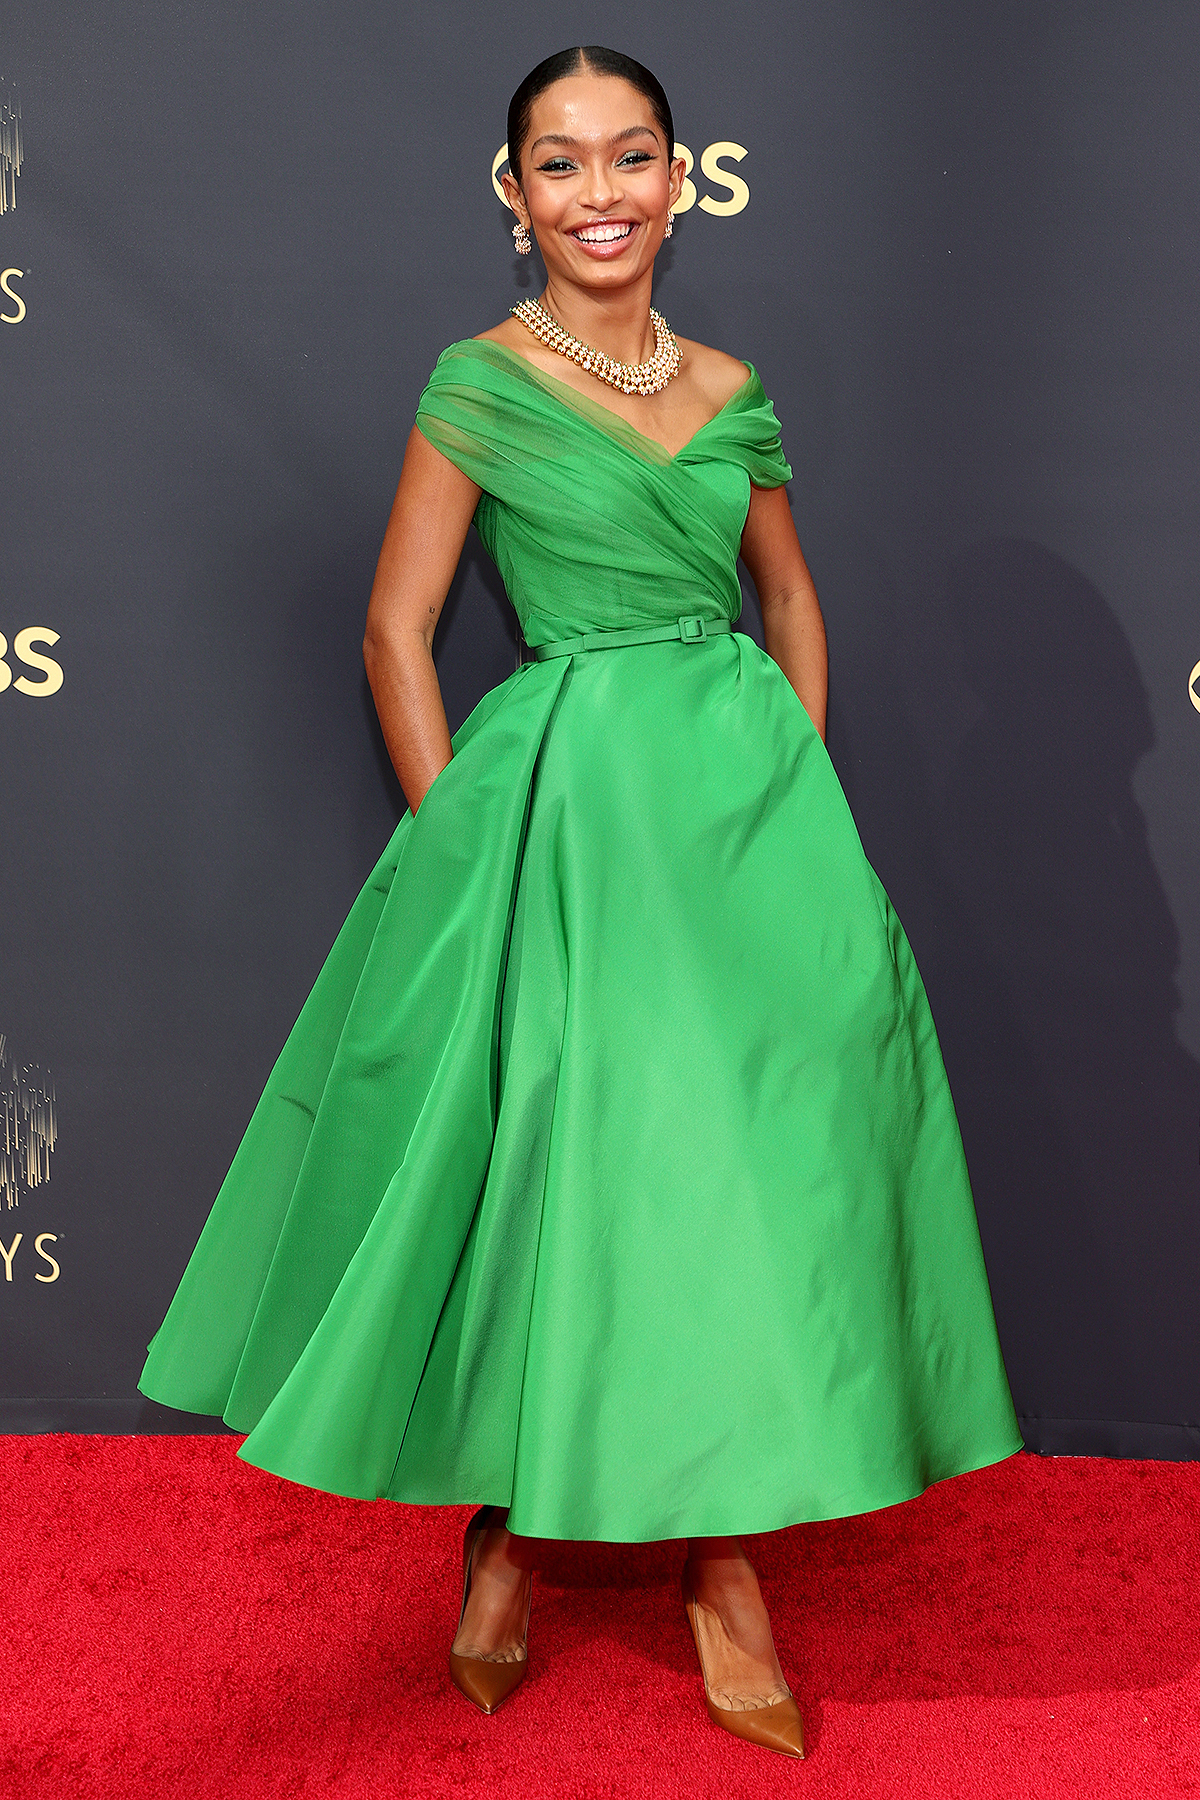 Yara Shahidirực rỡ trong đầm xanh lá cây của thương hiệuDior Haute Couture.